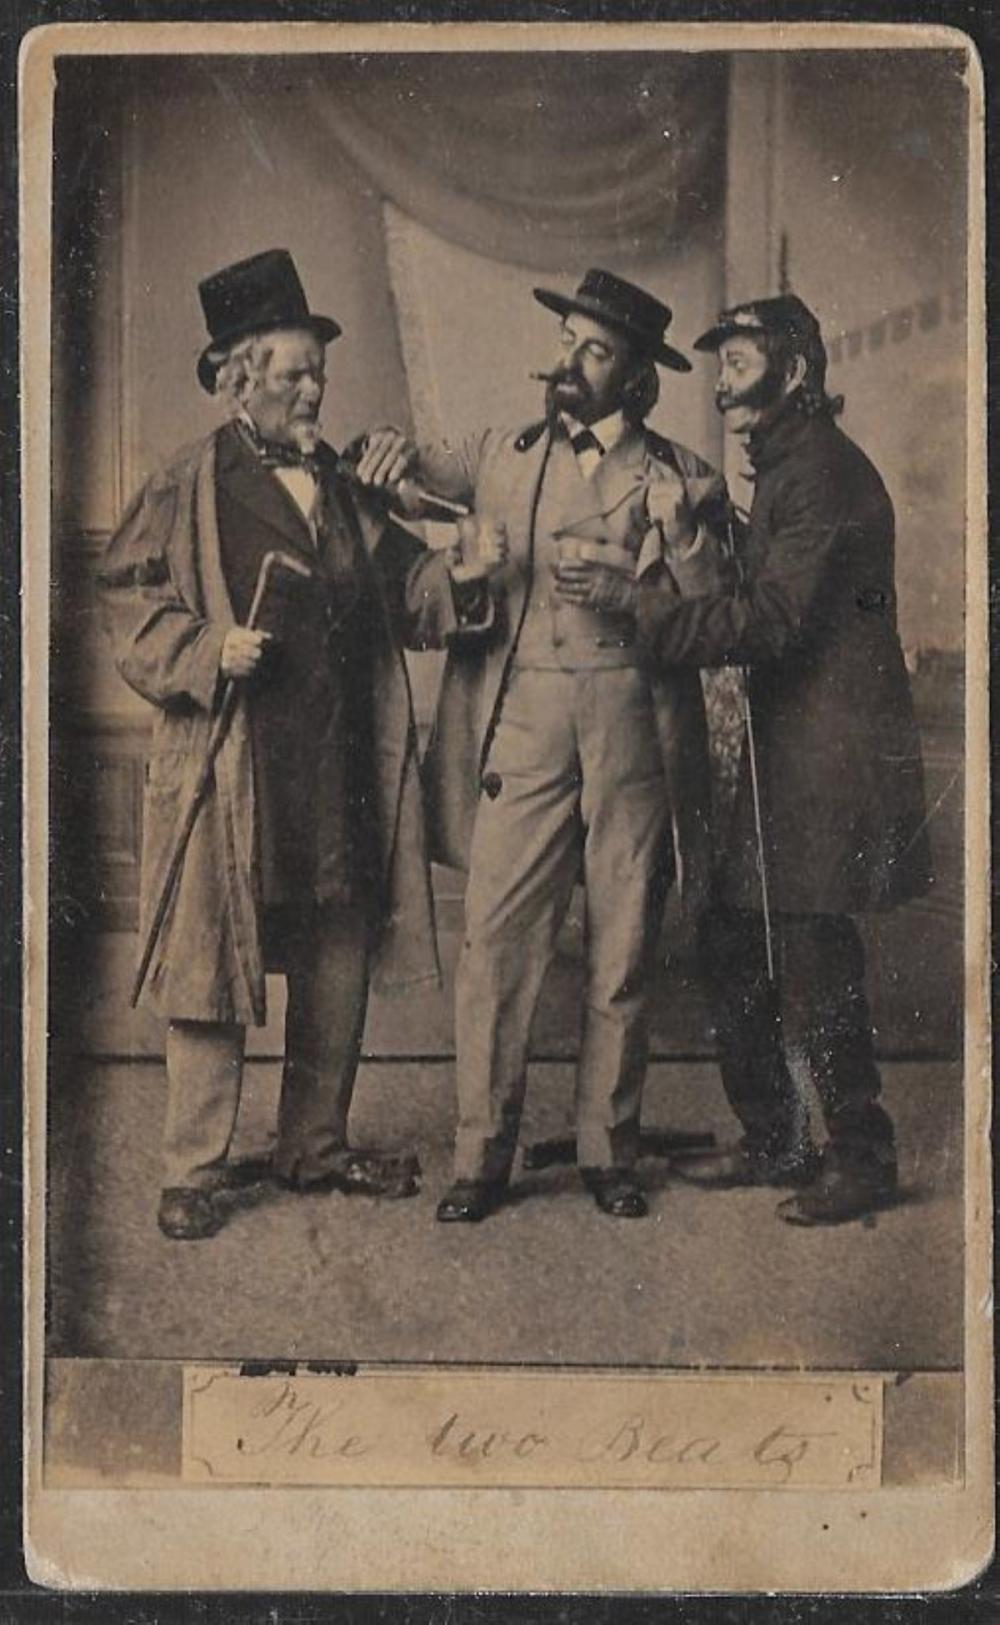 The Two Beats, CDV of three ruffian actors